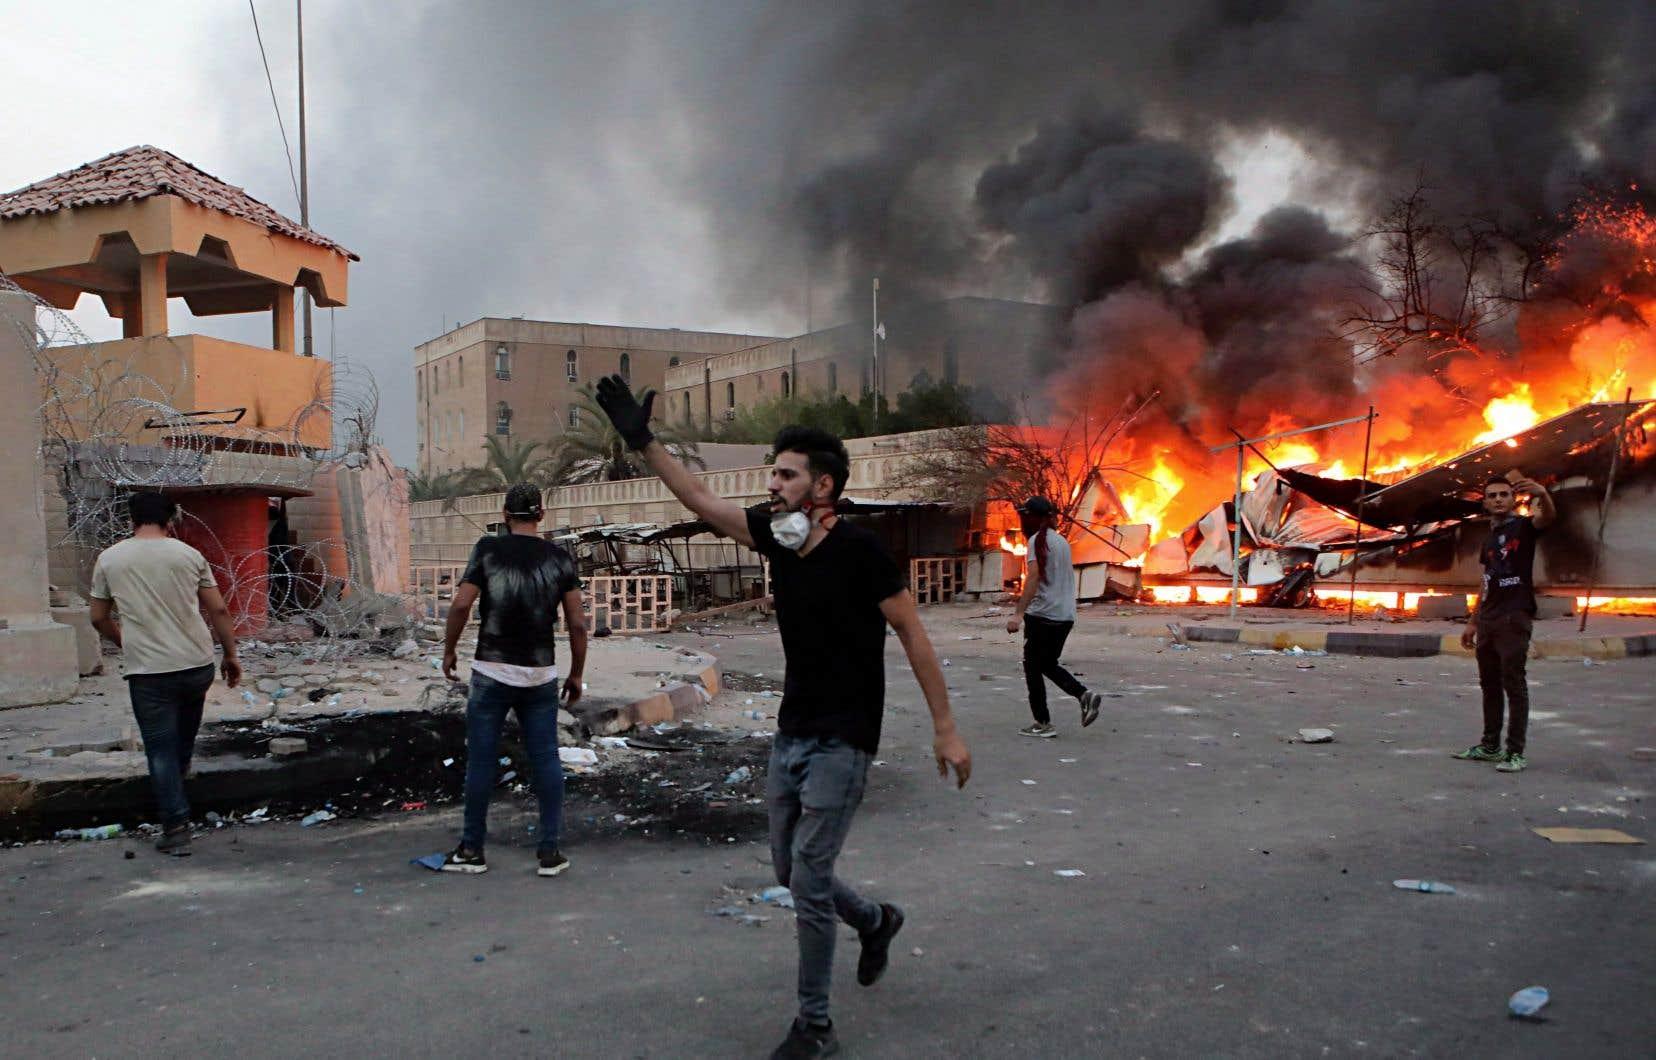 Des manifestations violentes ont éclaté à Bassorah et dans d'autres villes ces dernières semaines, en raison de la lenteur de la reconstruction dans le pays.